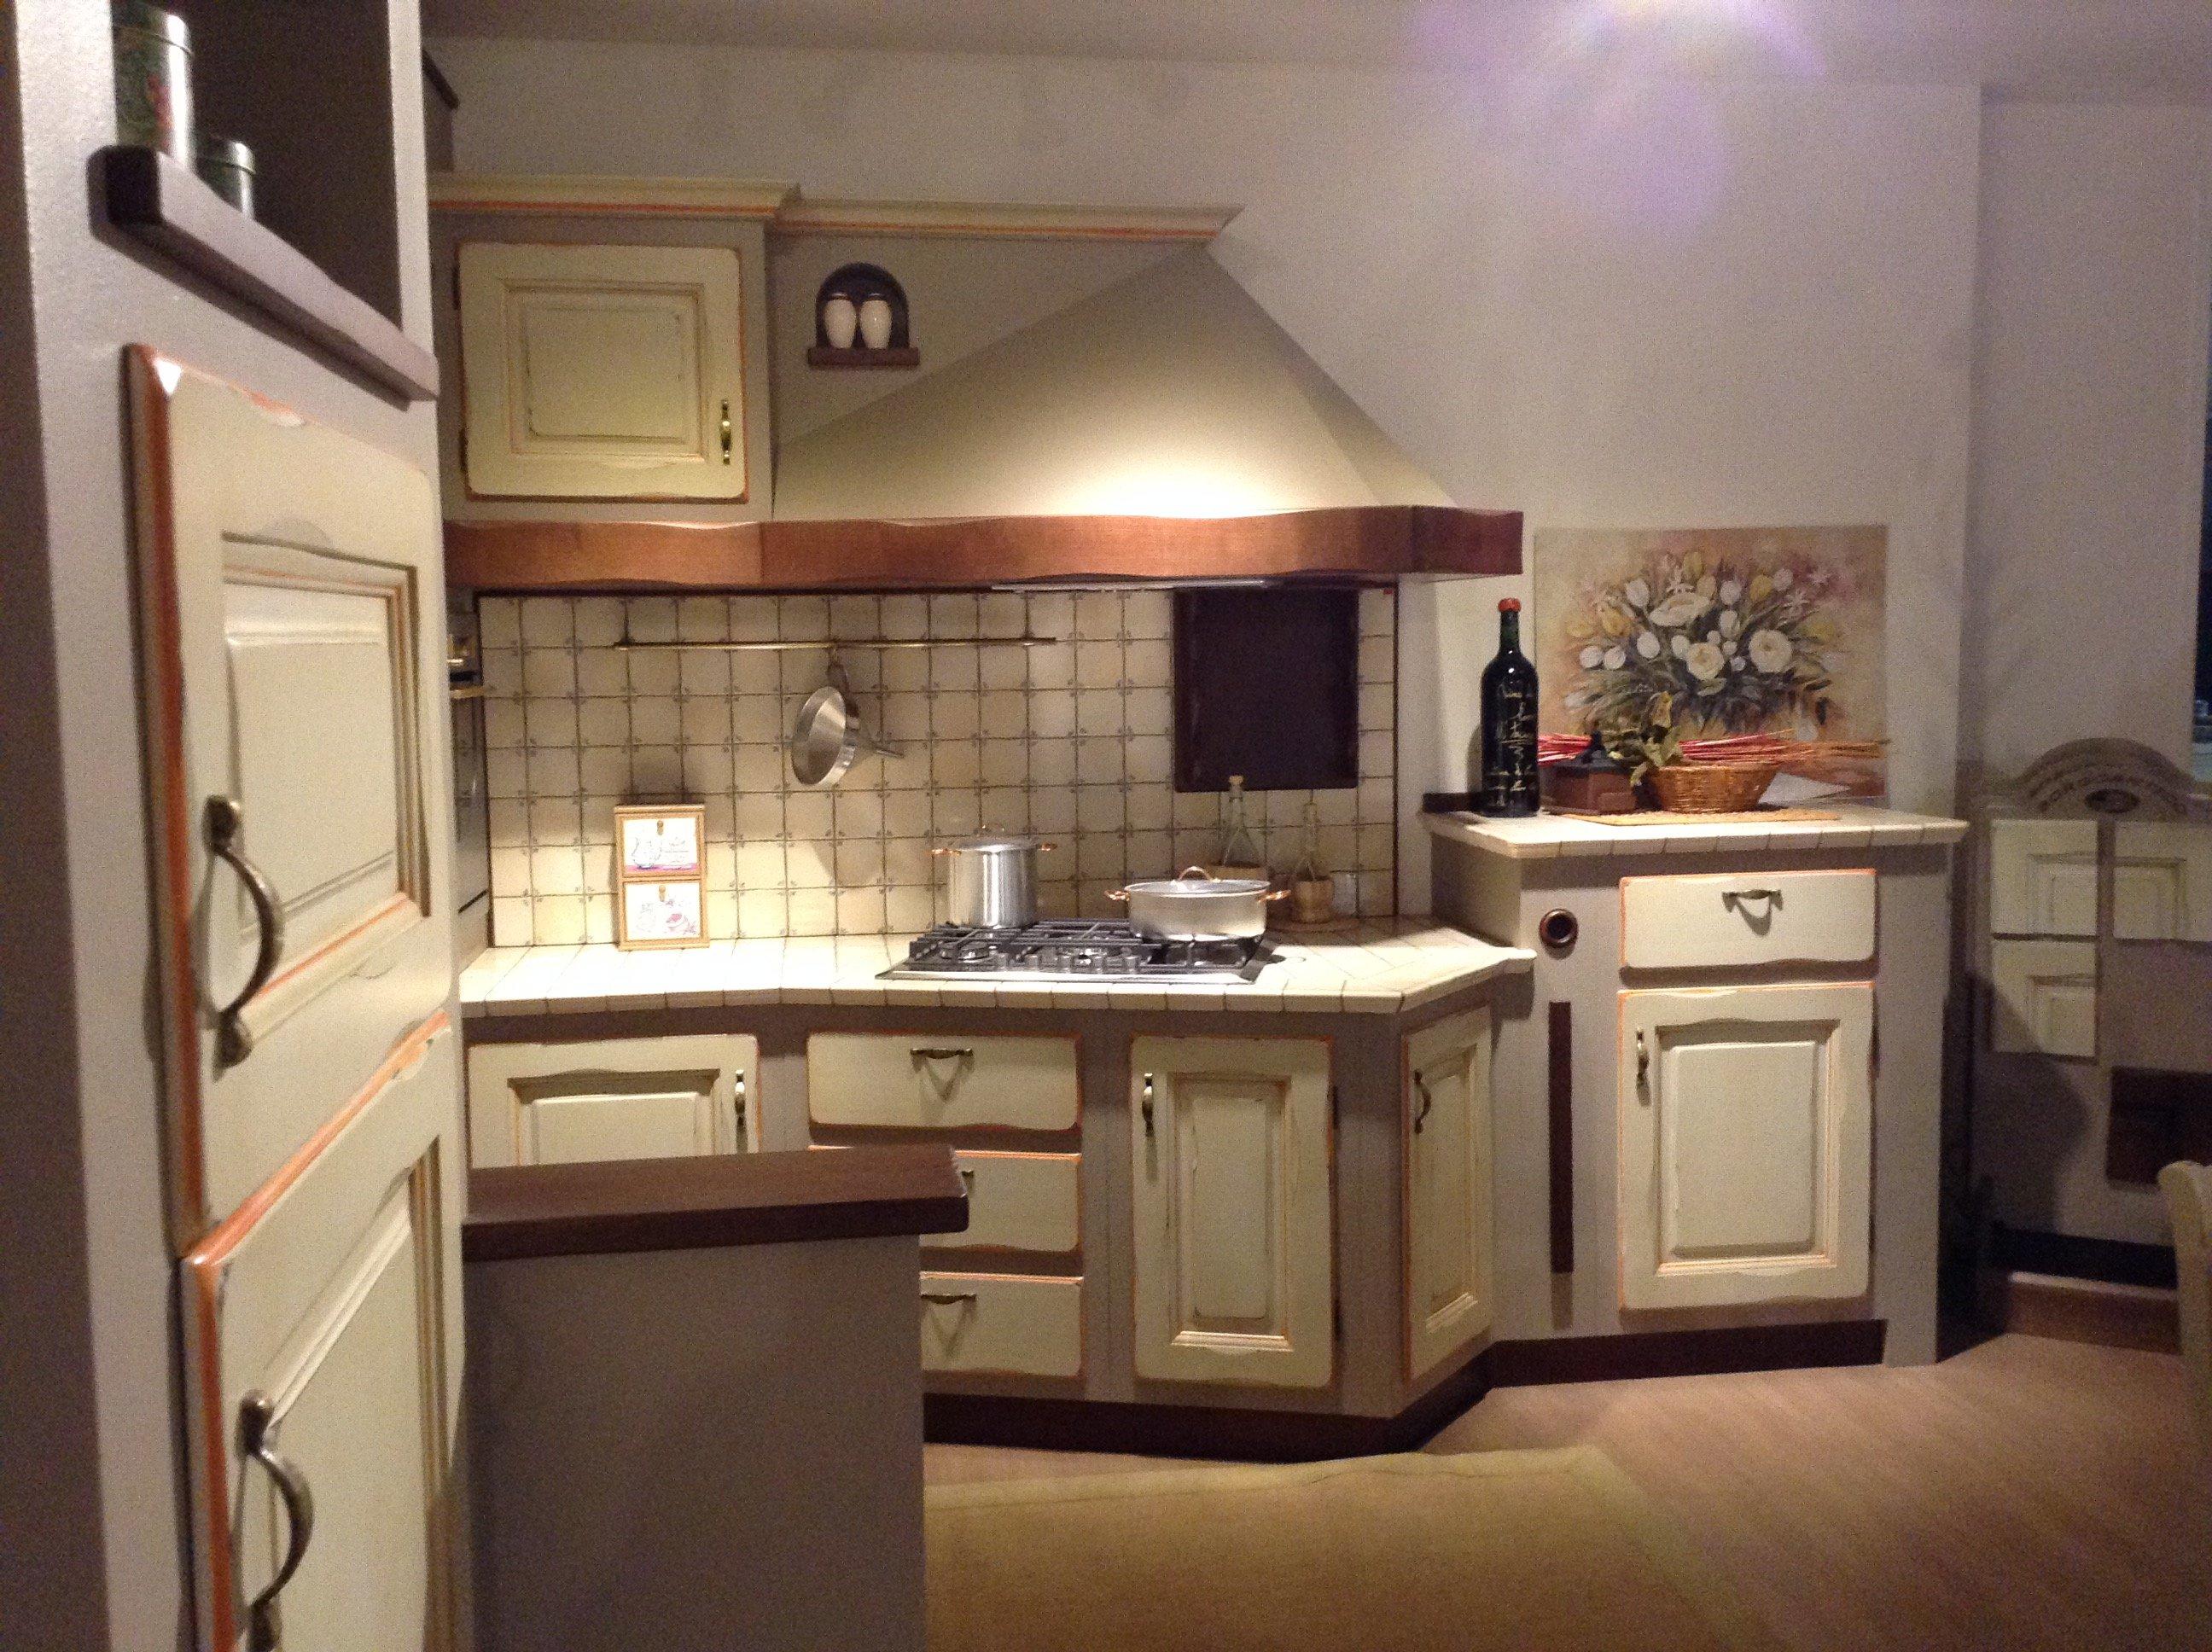 Forno Cucina In Muratura cucina in muratura borgo antico